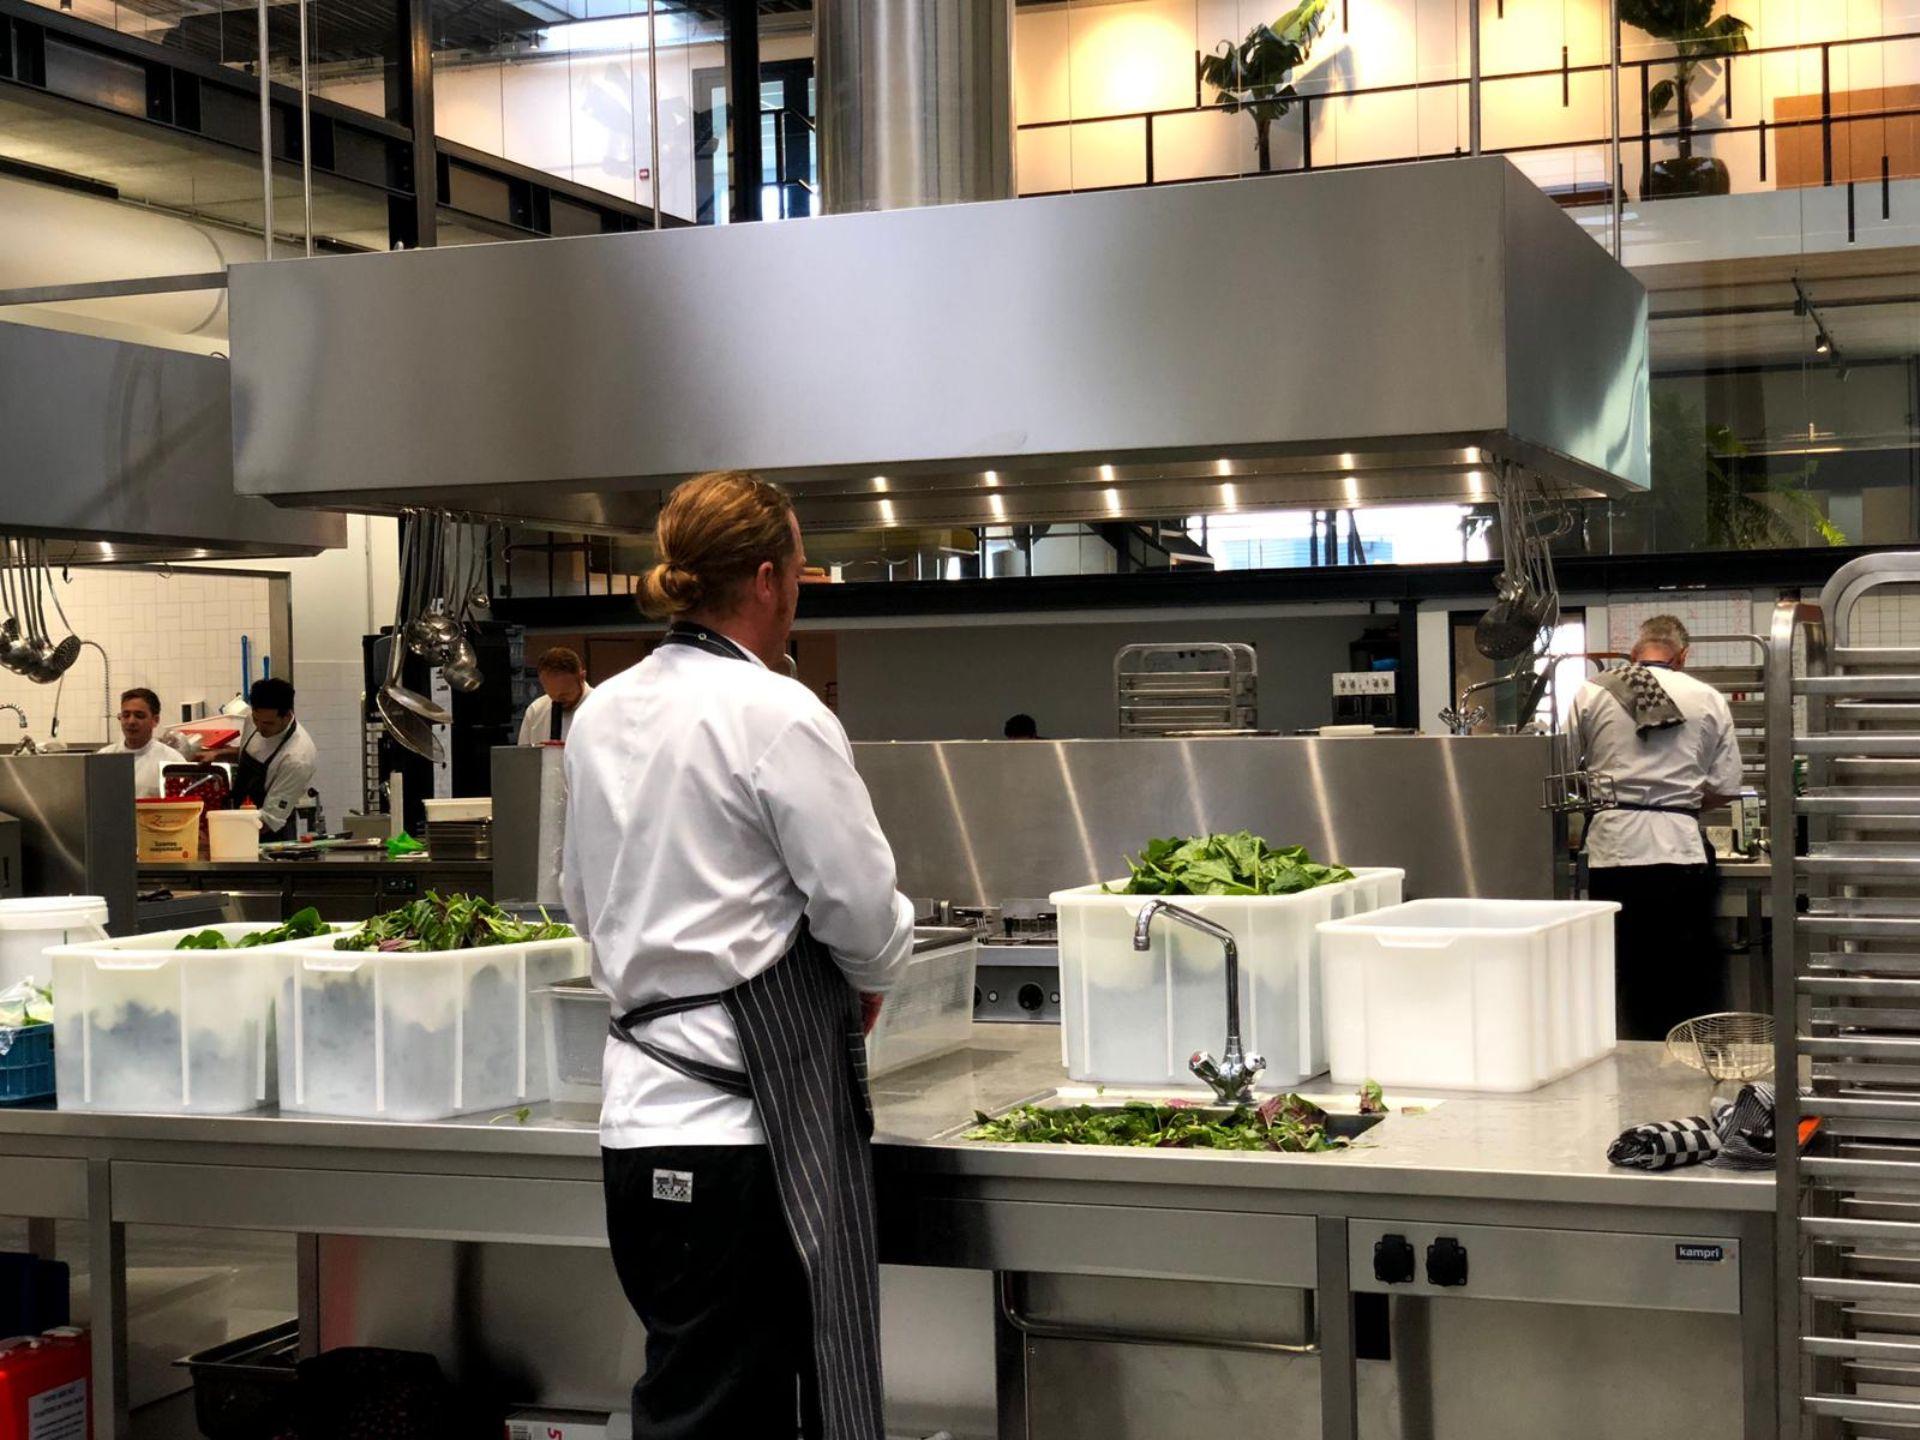 Productie keuken